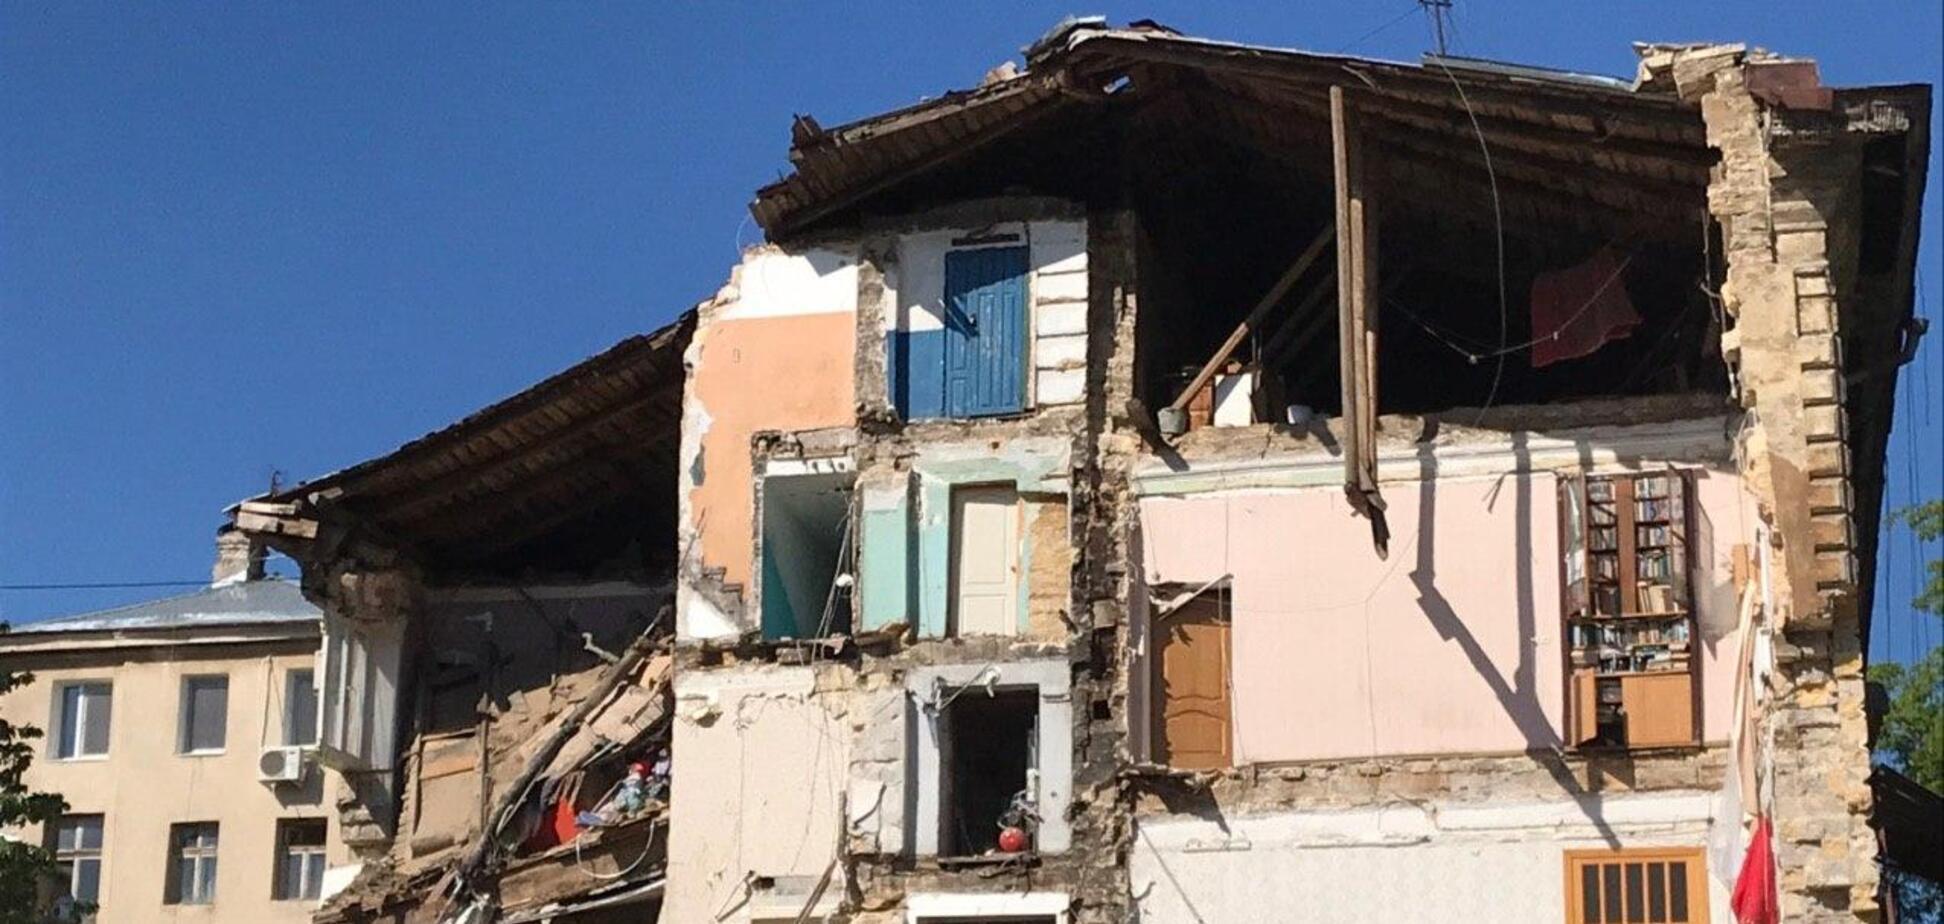 Є загроза повторного обвалу будинку в Одесі: рятувальники перестали розбирати завали